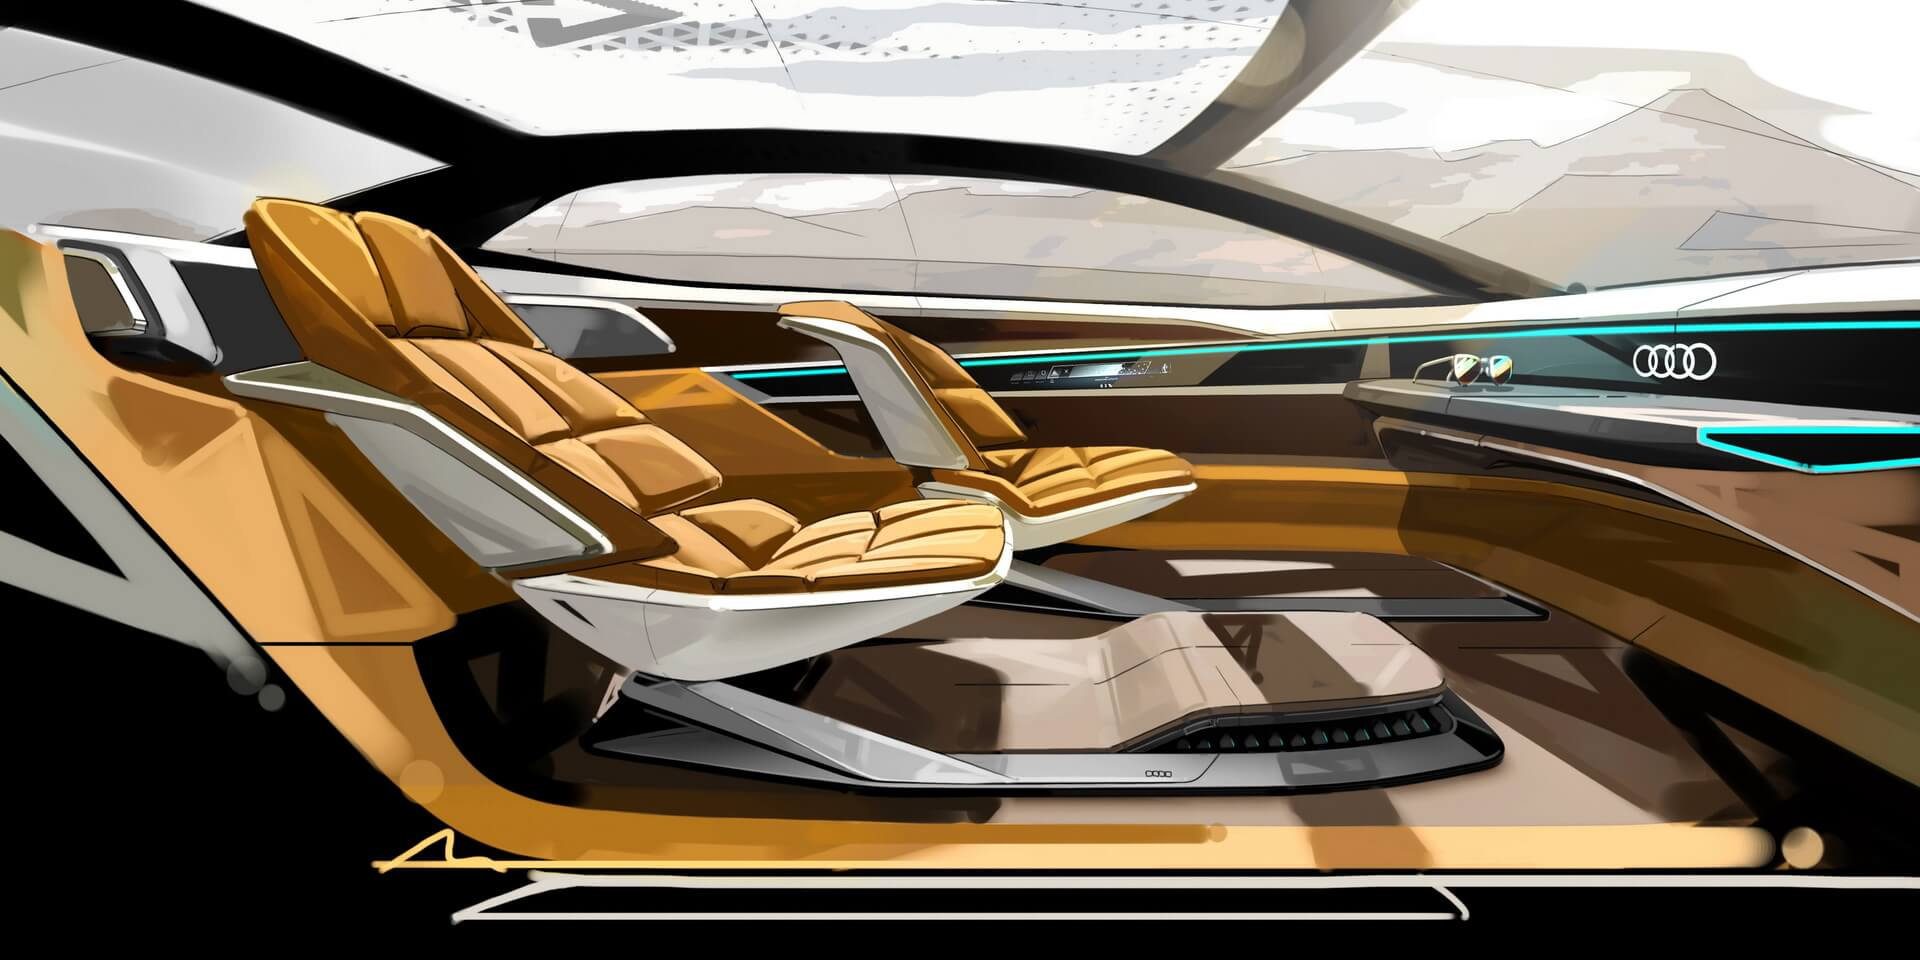 Широкие поверхности и дисплеи салона, контролируемые интеллектуальной системой беспилотника в Audi Aicon